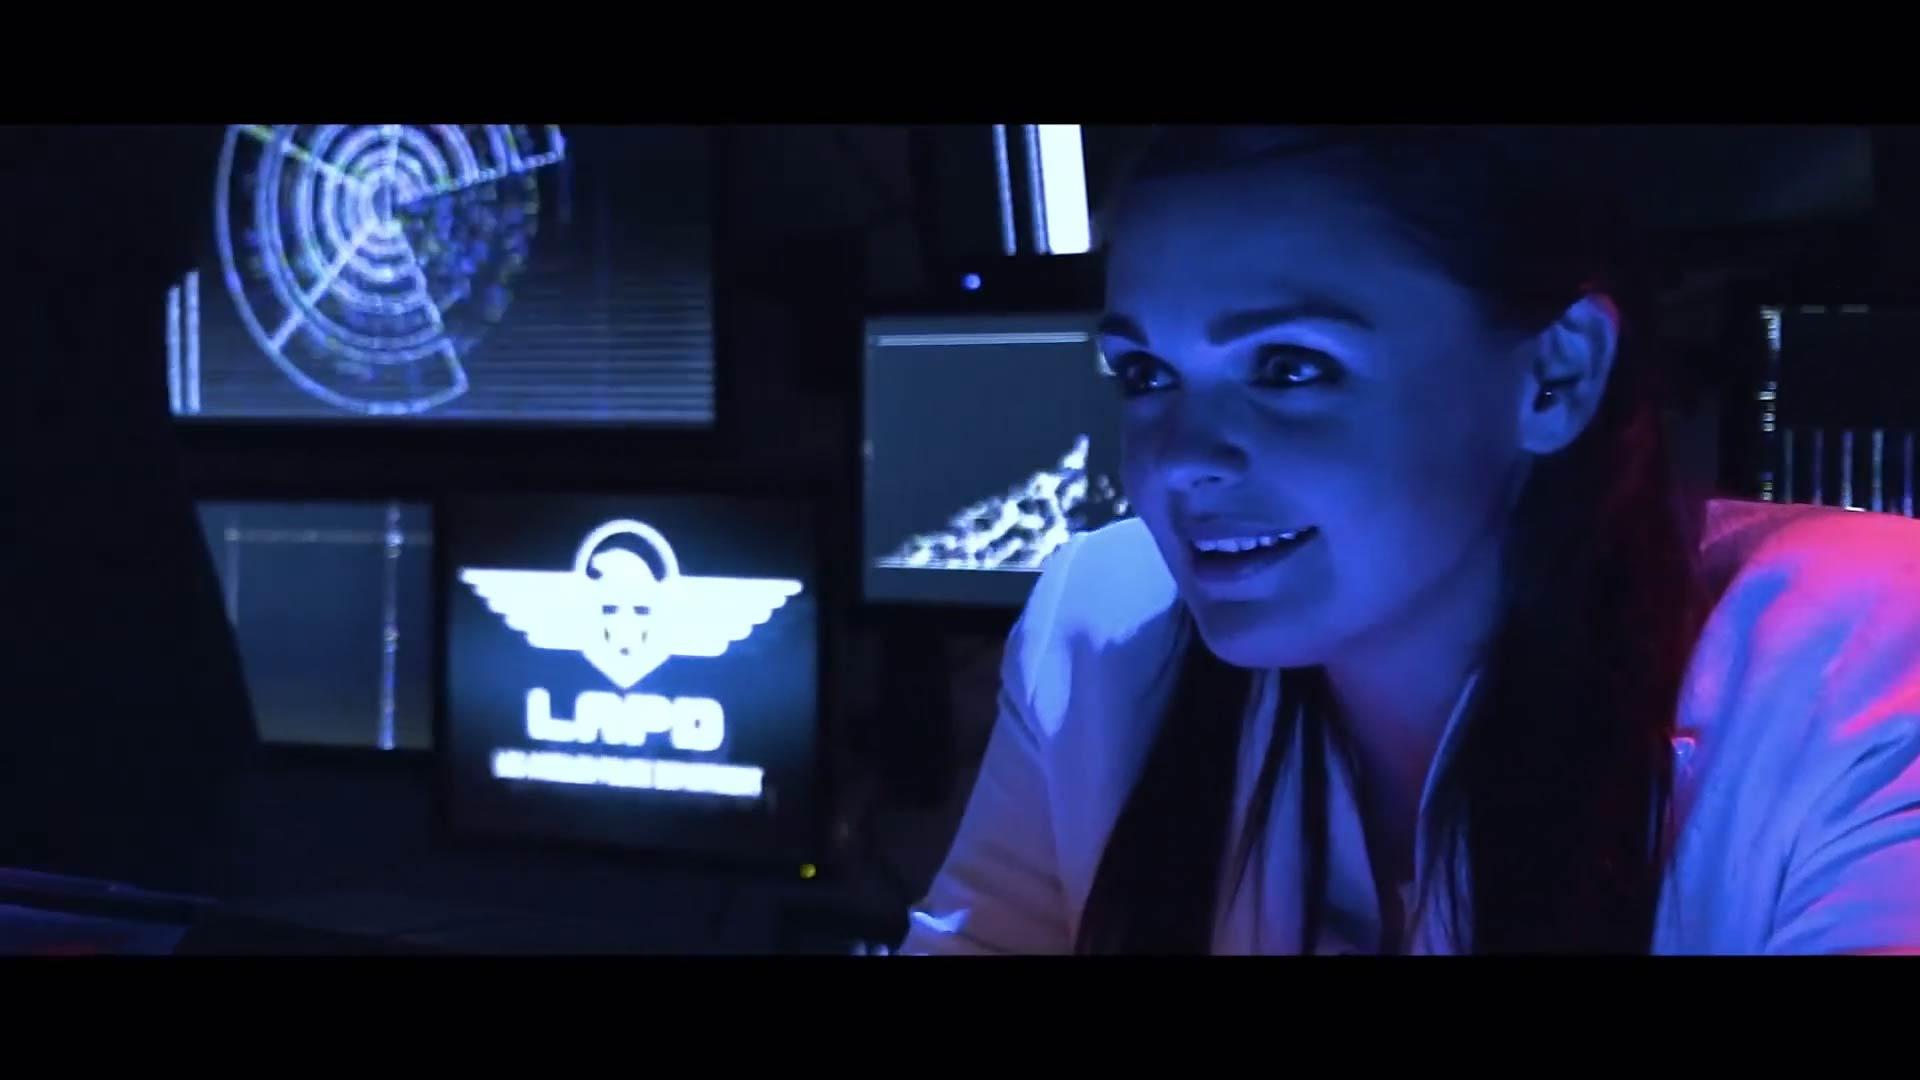 Secret-Cinema-Presents-Blade-Runner-The-Final-Cut-A-Secret-Live-Experience-1-0-01-40-24.jpg